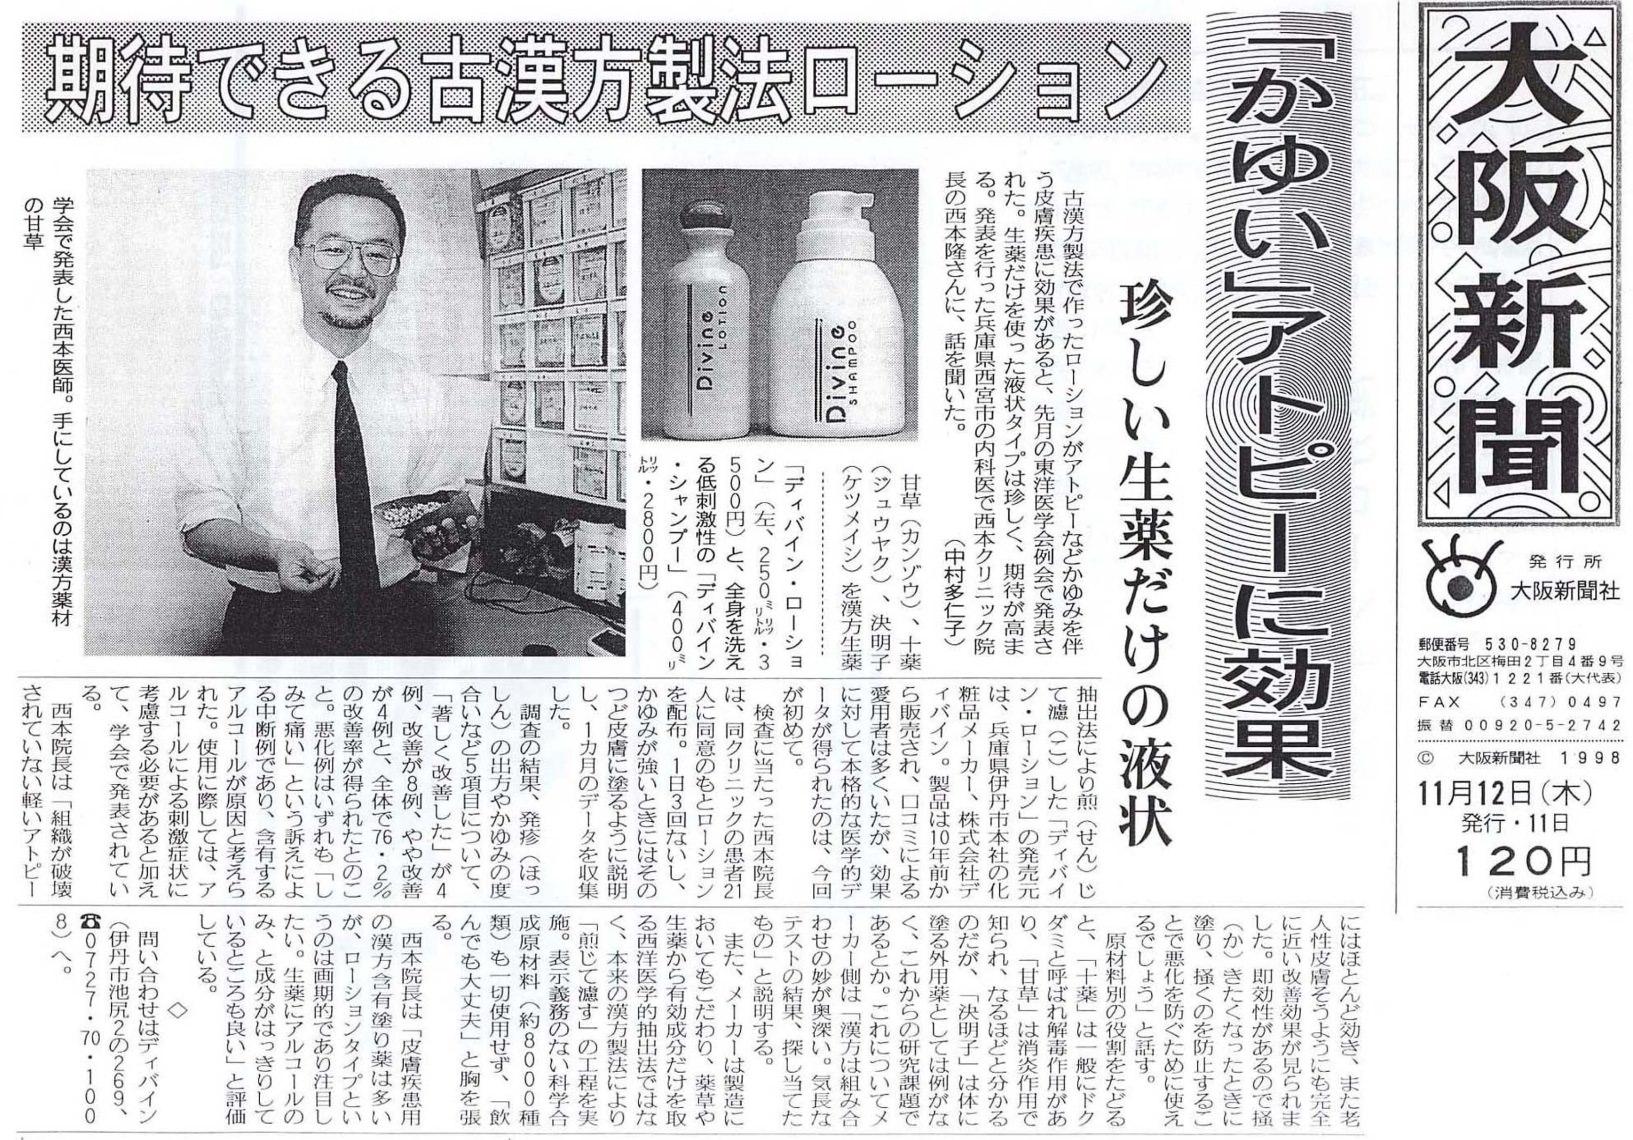 大阪新聞 1998年11月12日